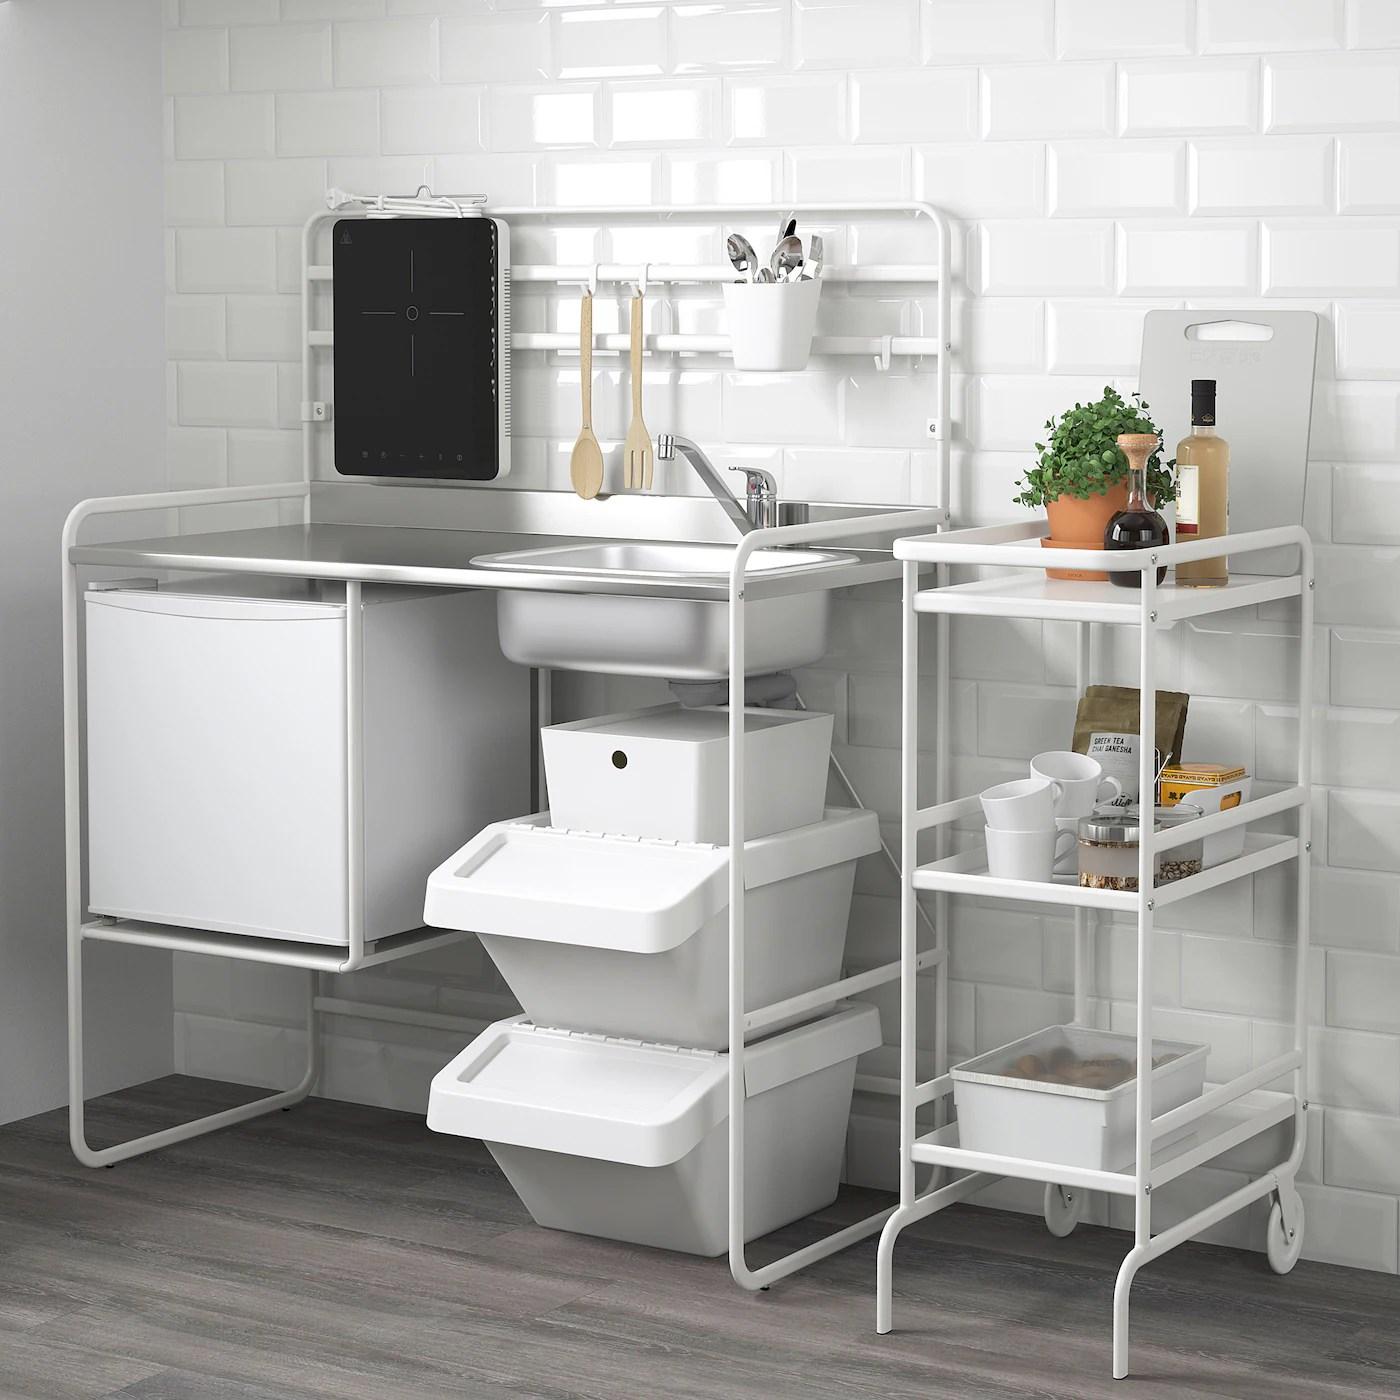 Spüle Küche Edelstahl Ikea | Ikea Udden - Neu Und ...